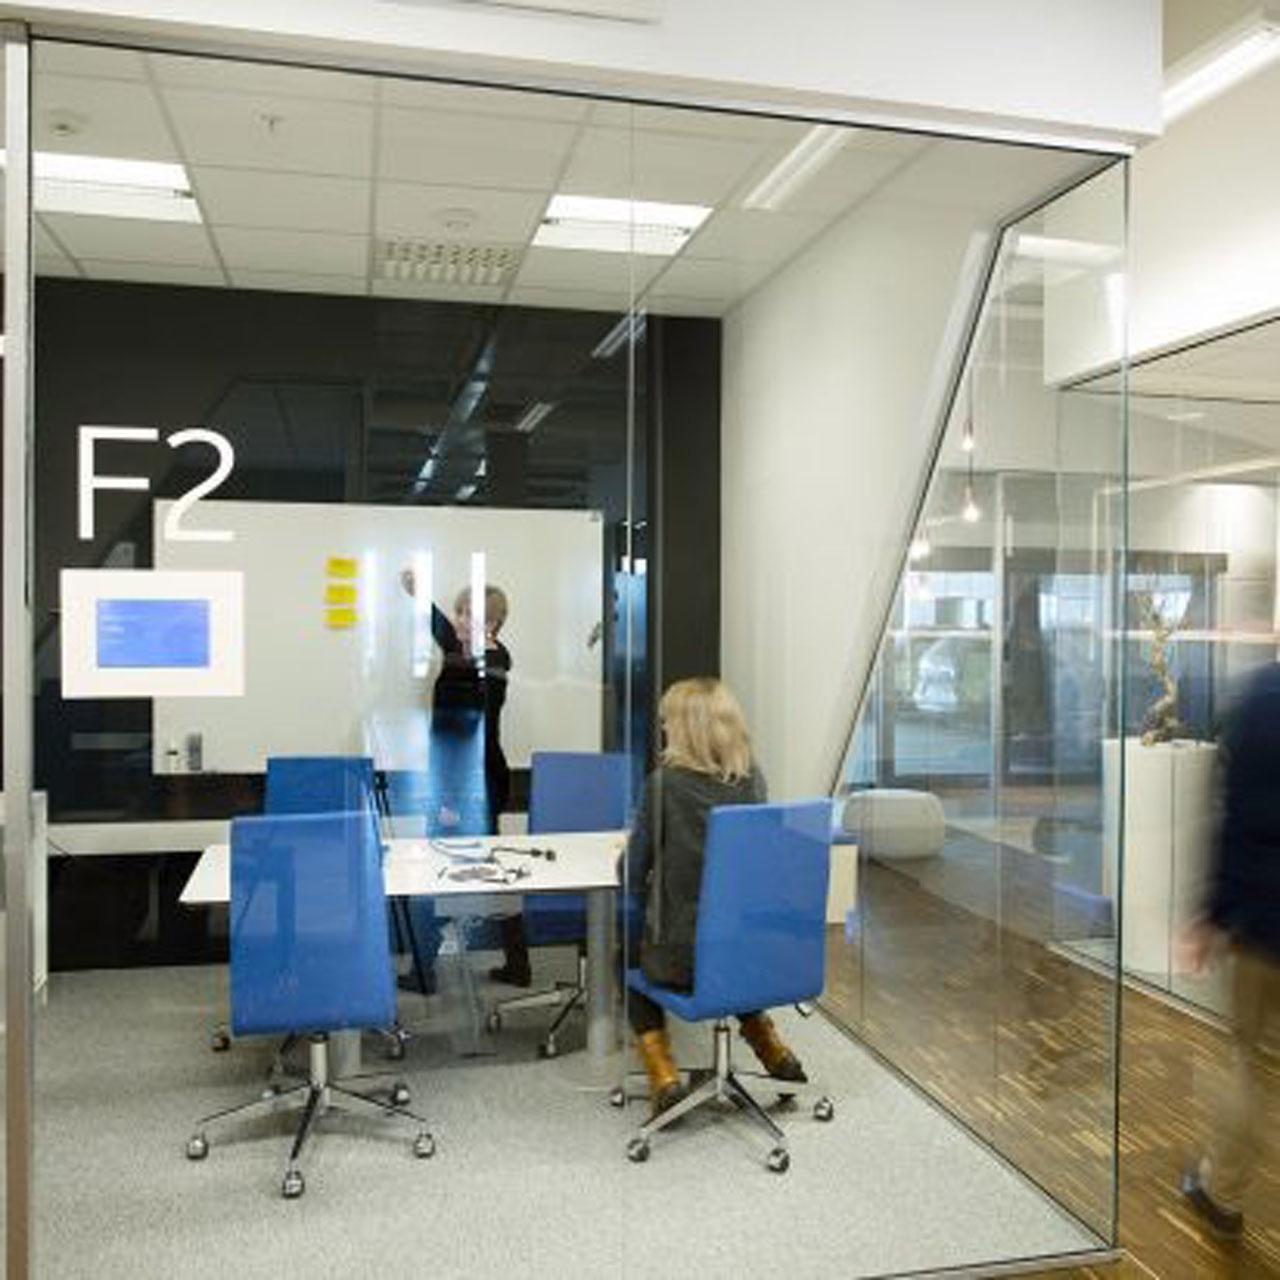 interiør_kontor_appex_arkitekt_kolstø_12.jpg